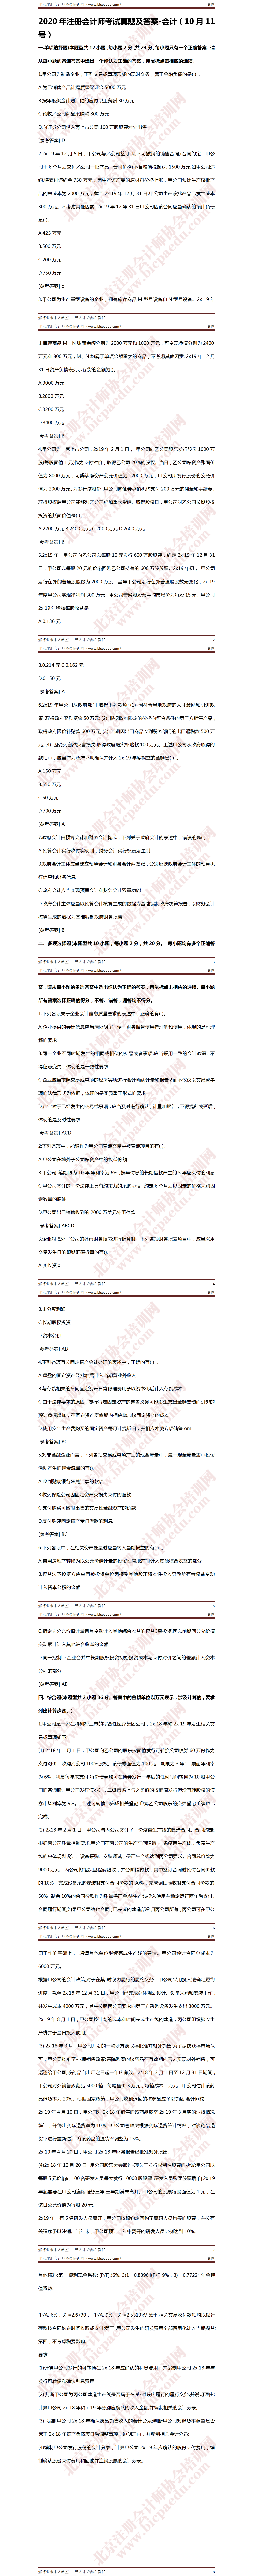 2020年注册会计师考试真题-会计11号.png